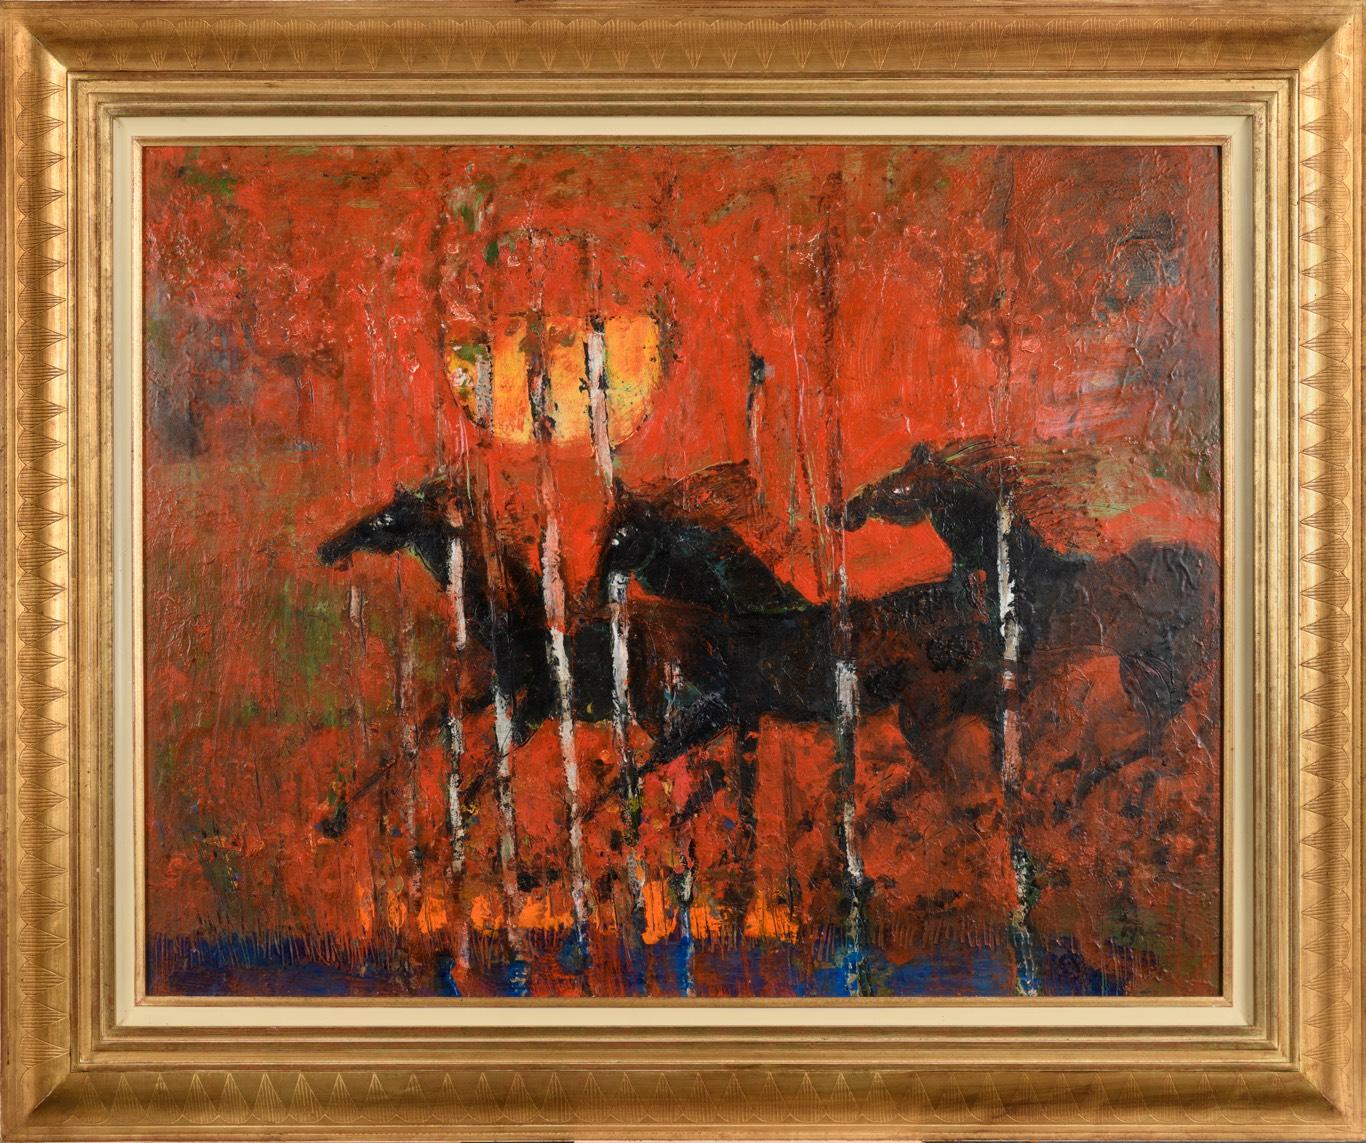 TYLEČEK Divocí koně 73 x 92